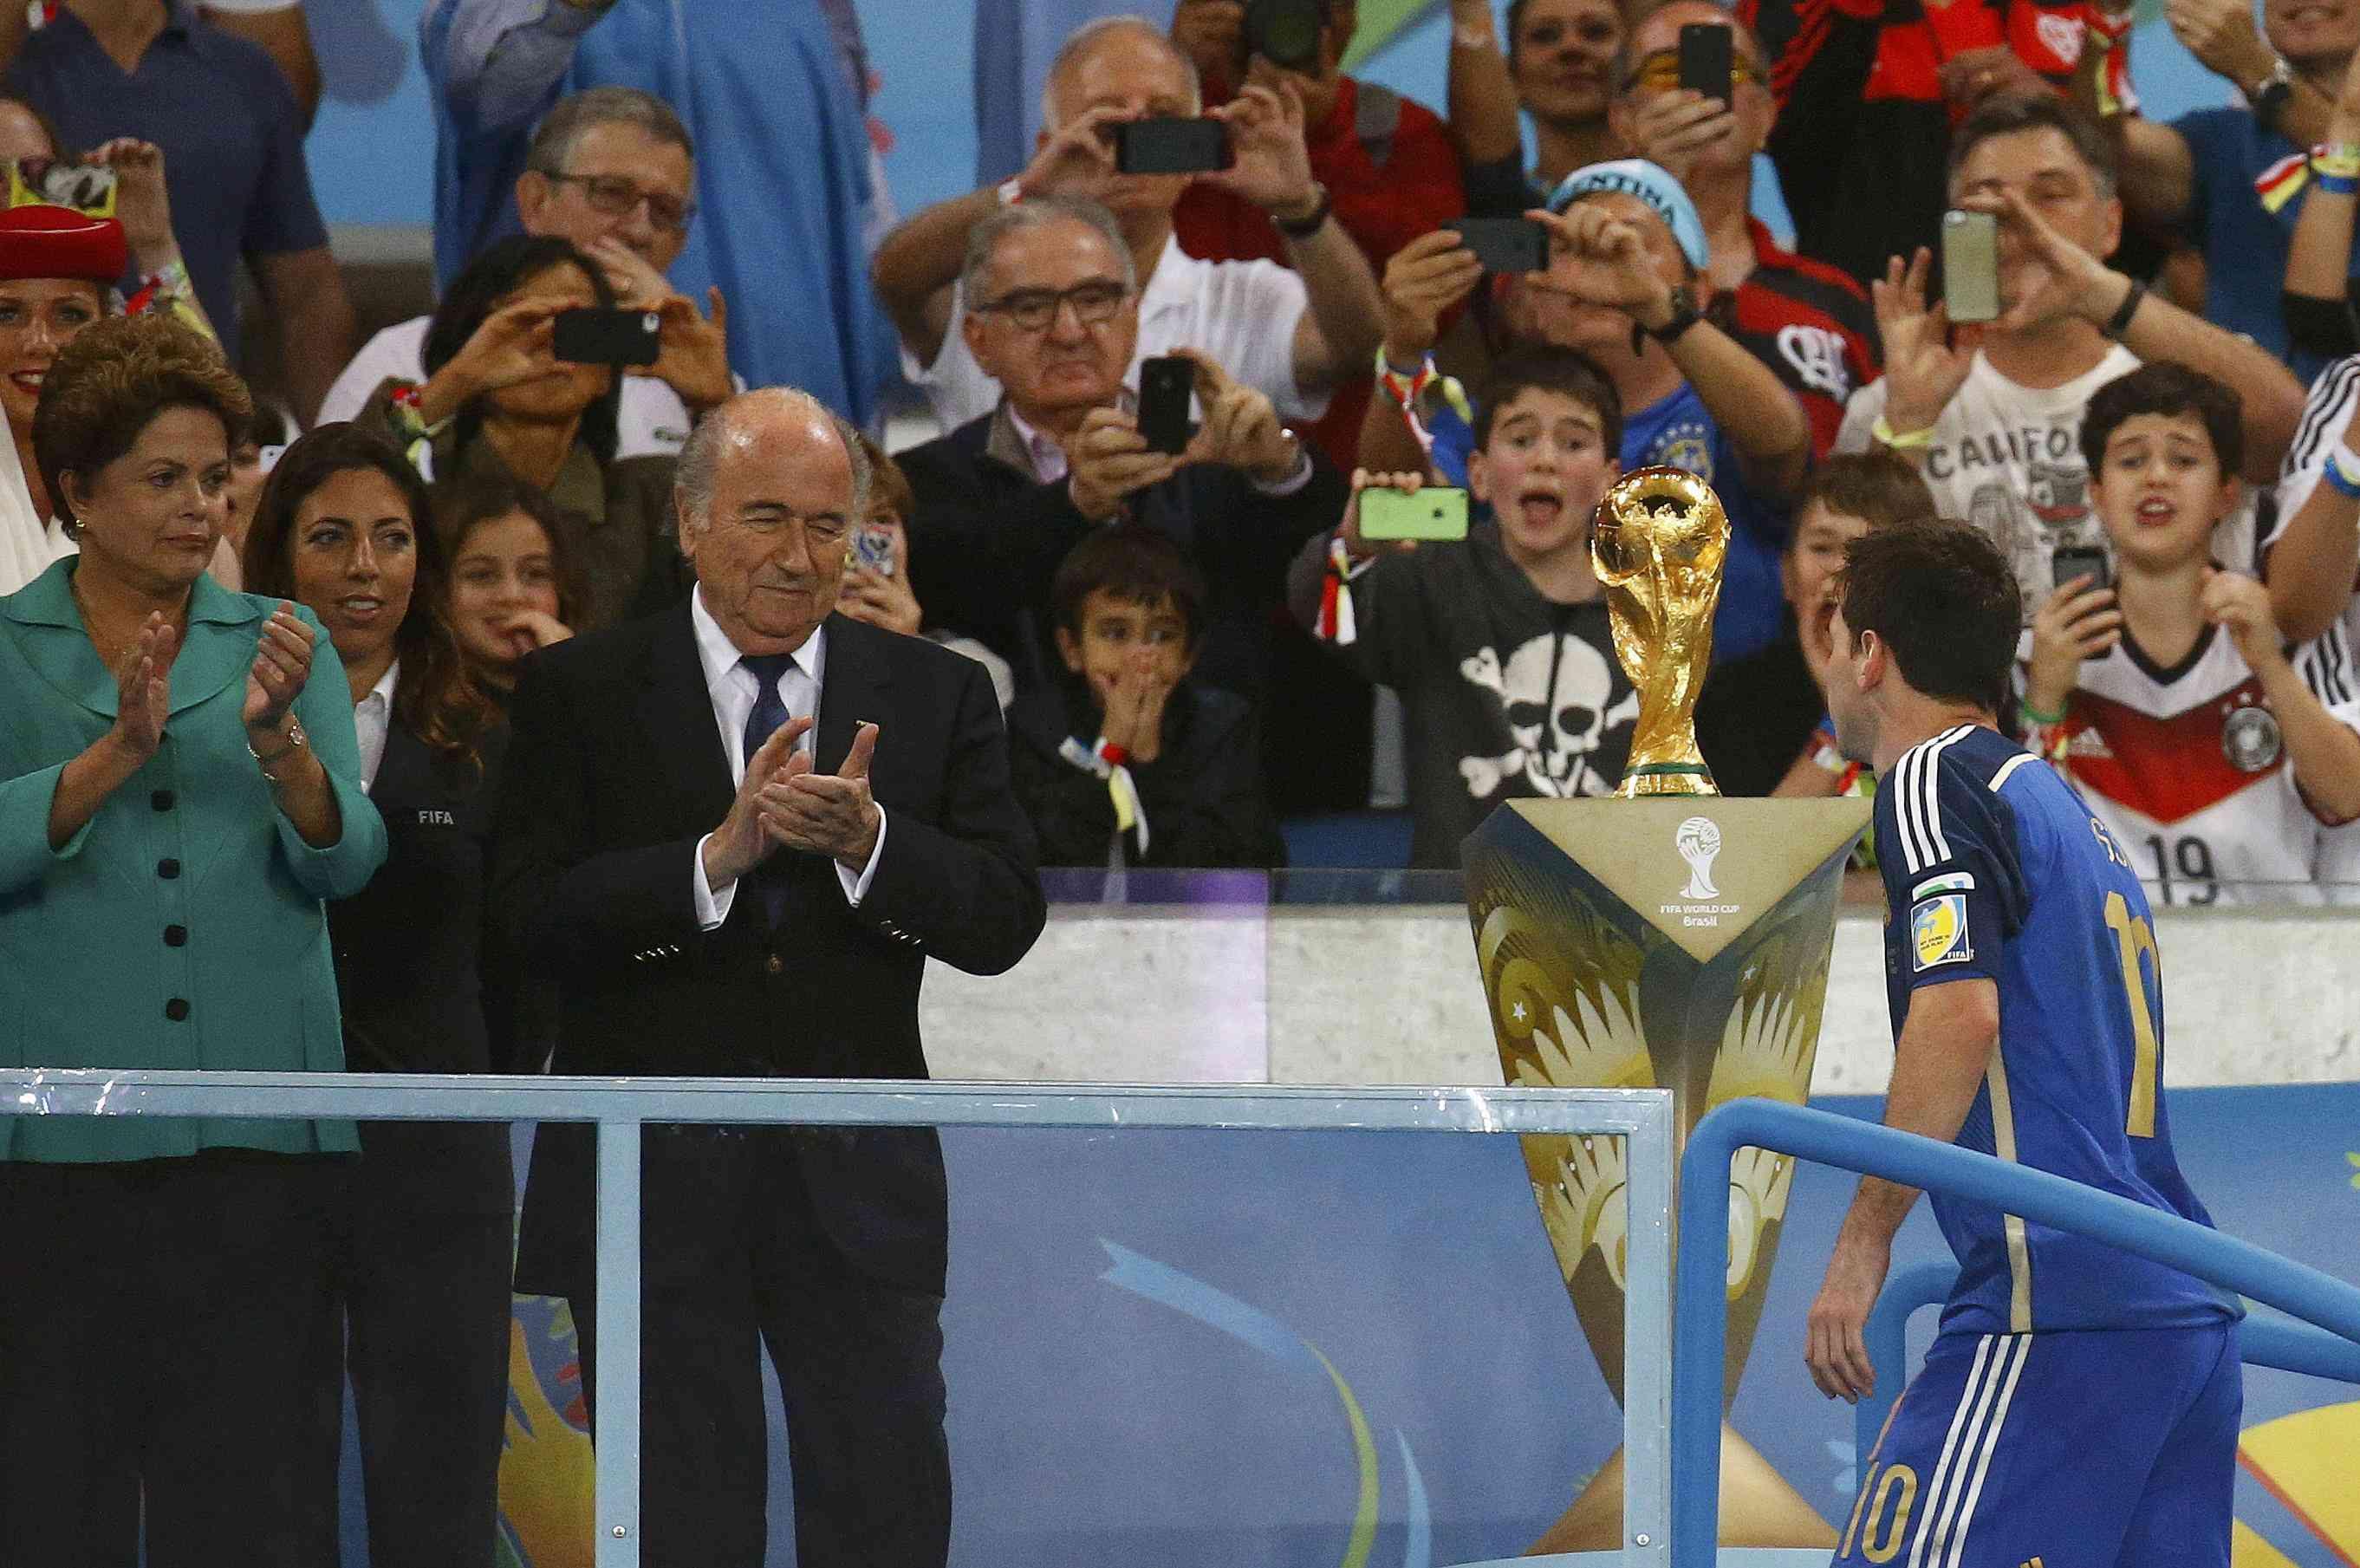 прогнозы выиграет смотреть аргентина футбол германия кто или на